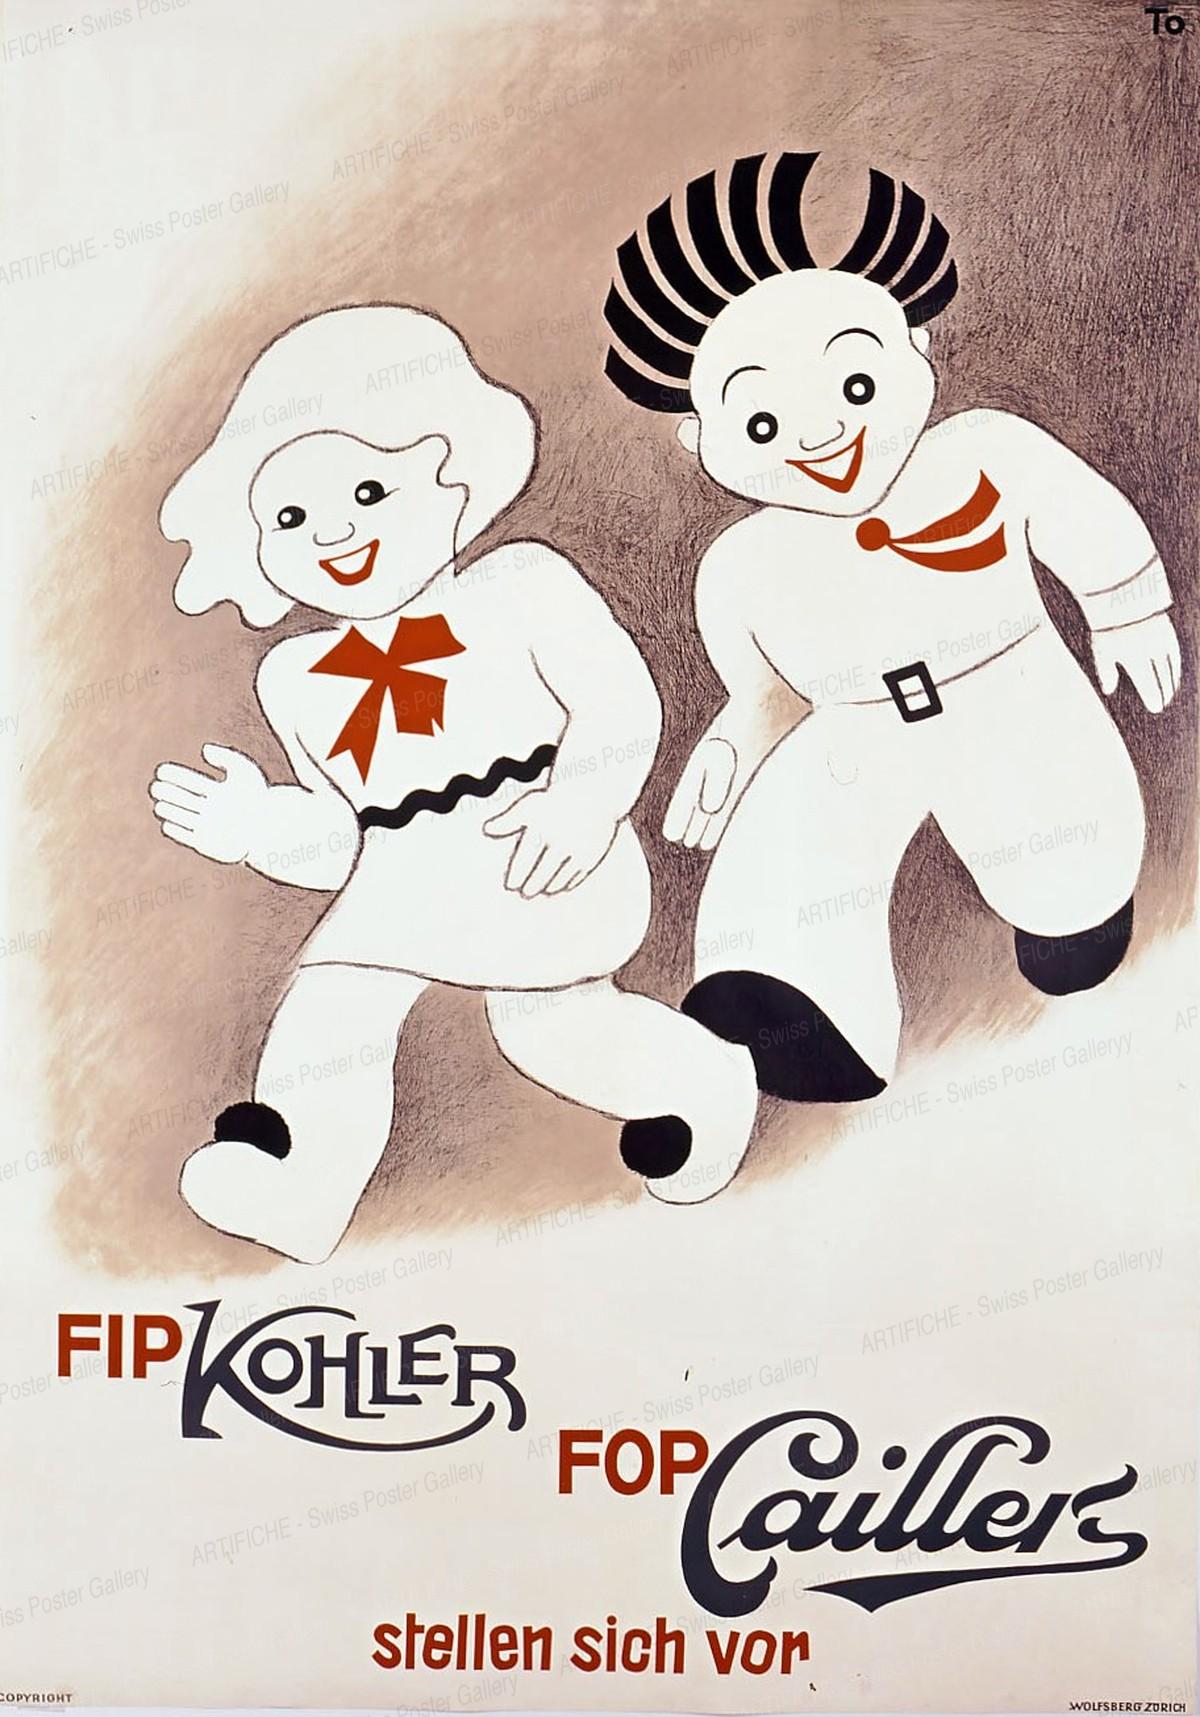 FIP Kohler – FOP Cailler, Hans Tomamichel